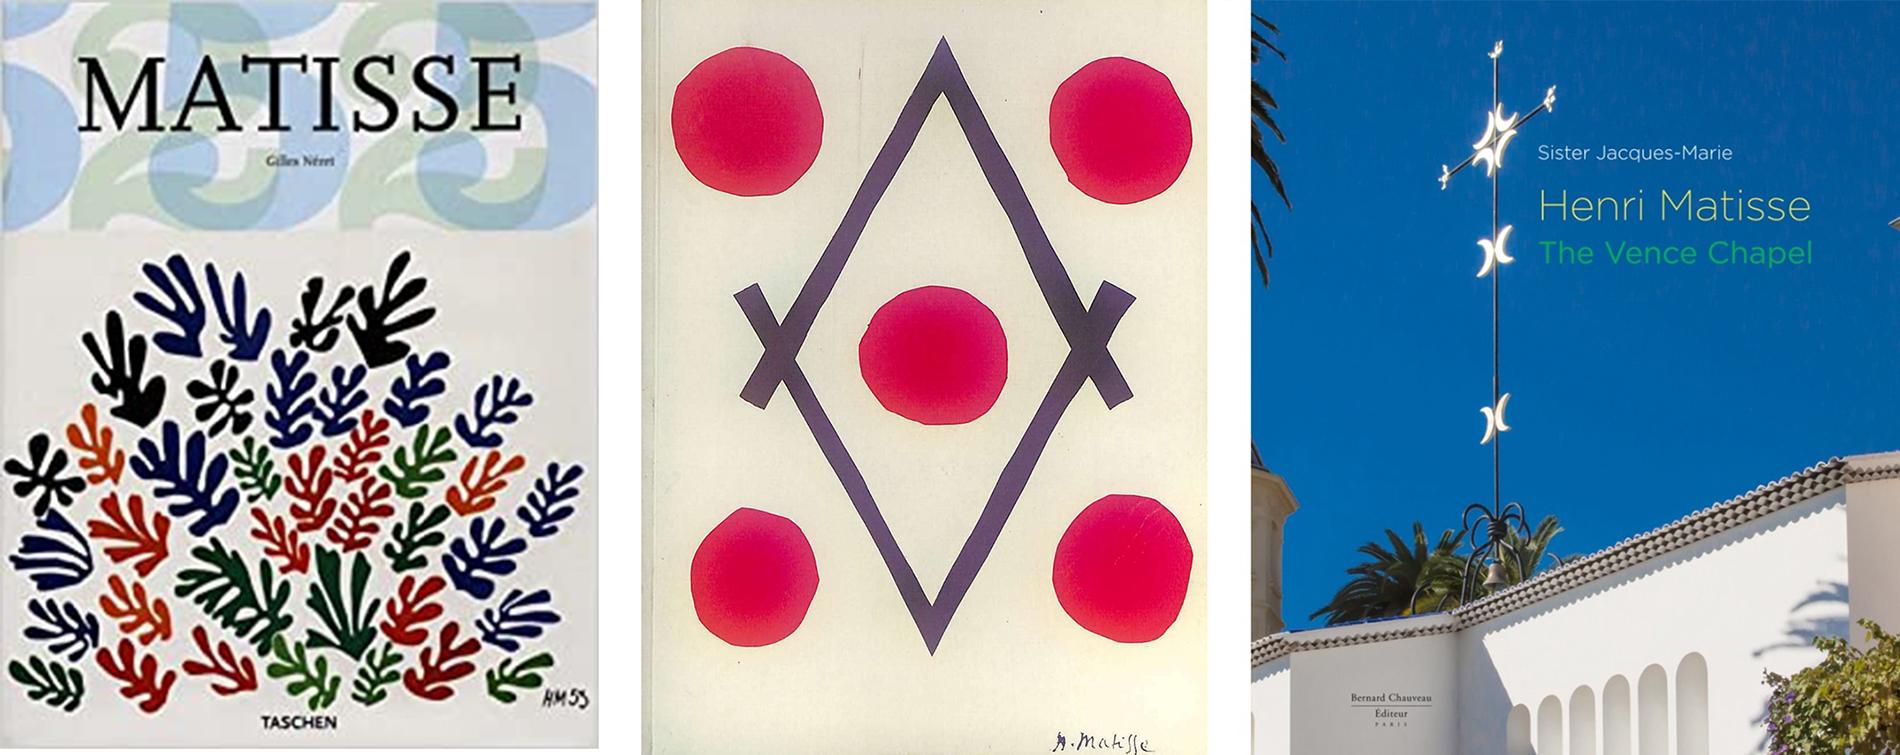 Matisse böcker